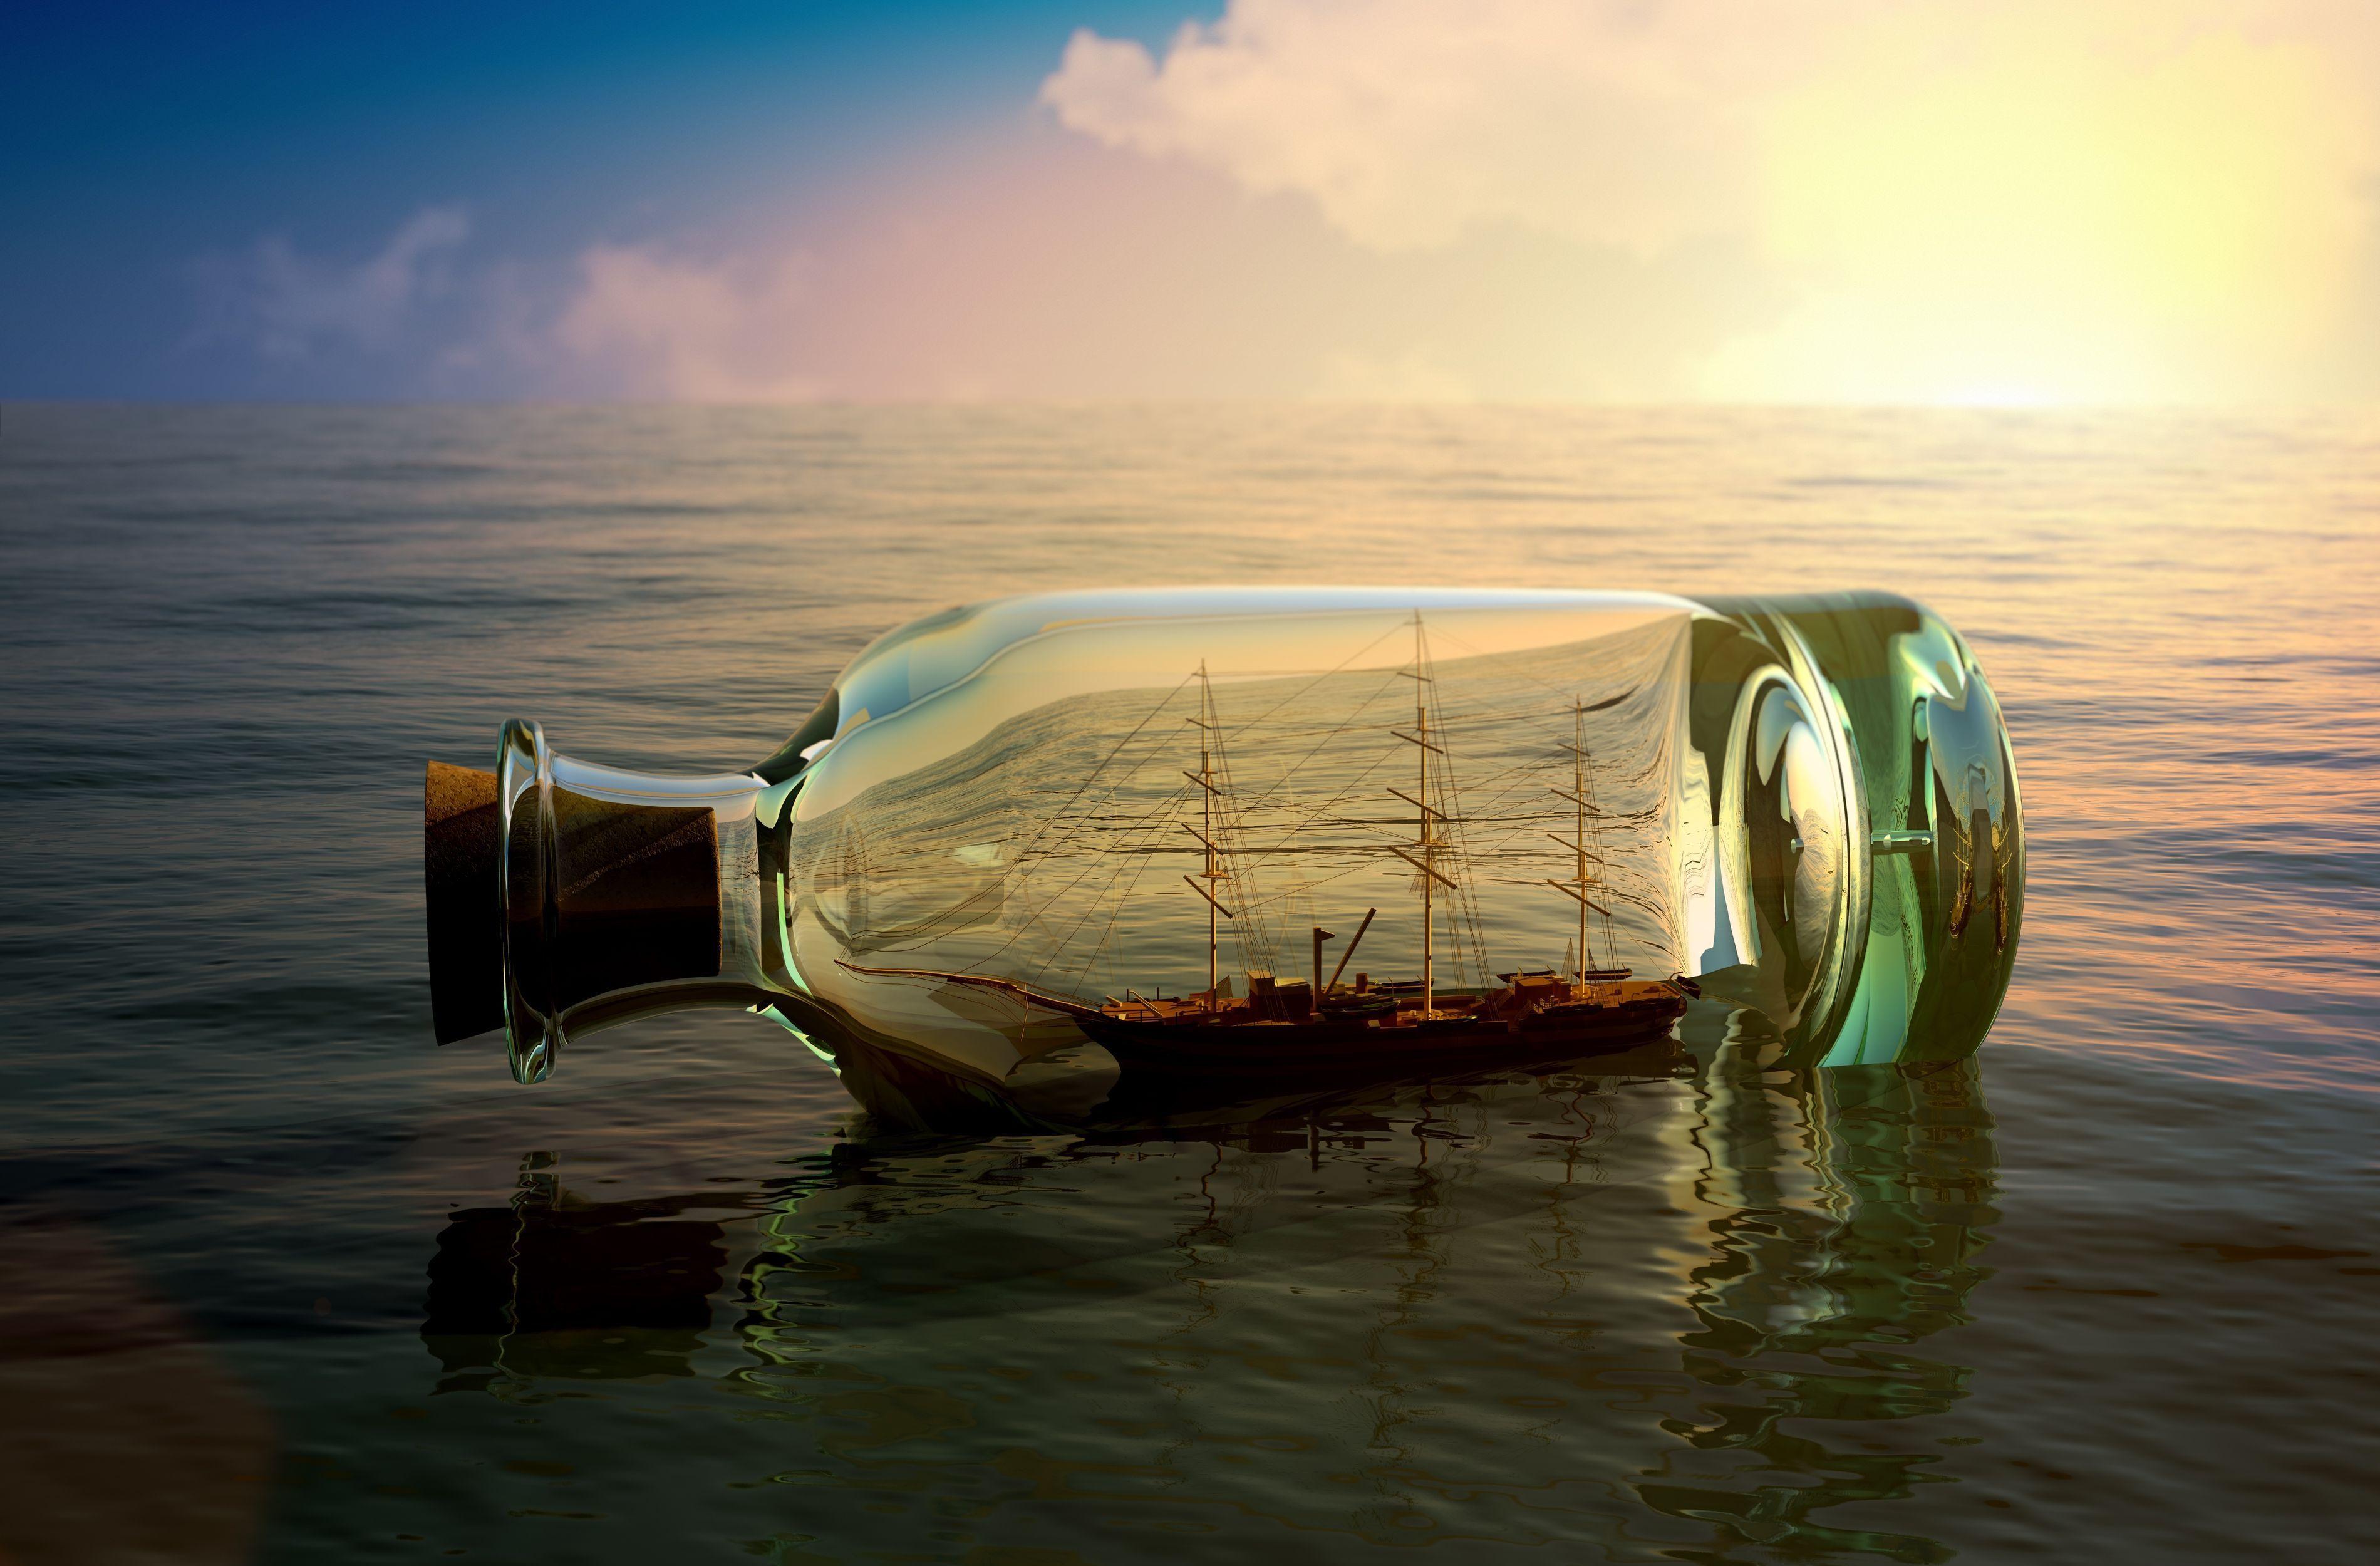 Ship in the bottle / 3800 x 2500 / Fantasy / Photography | MIRIADNA.COM